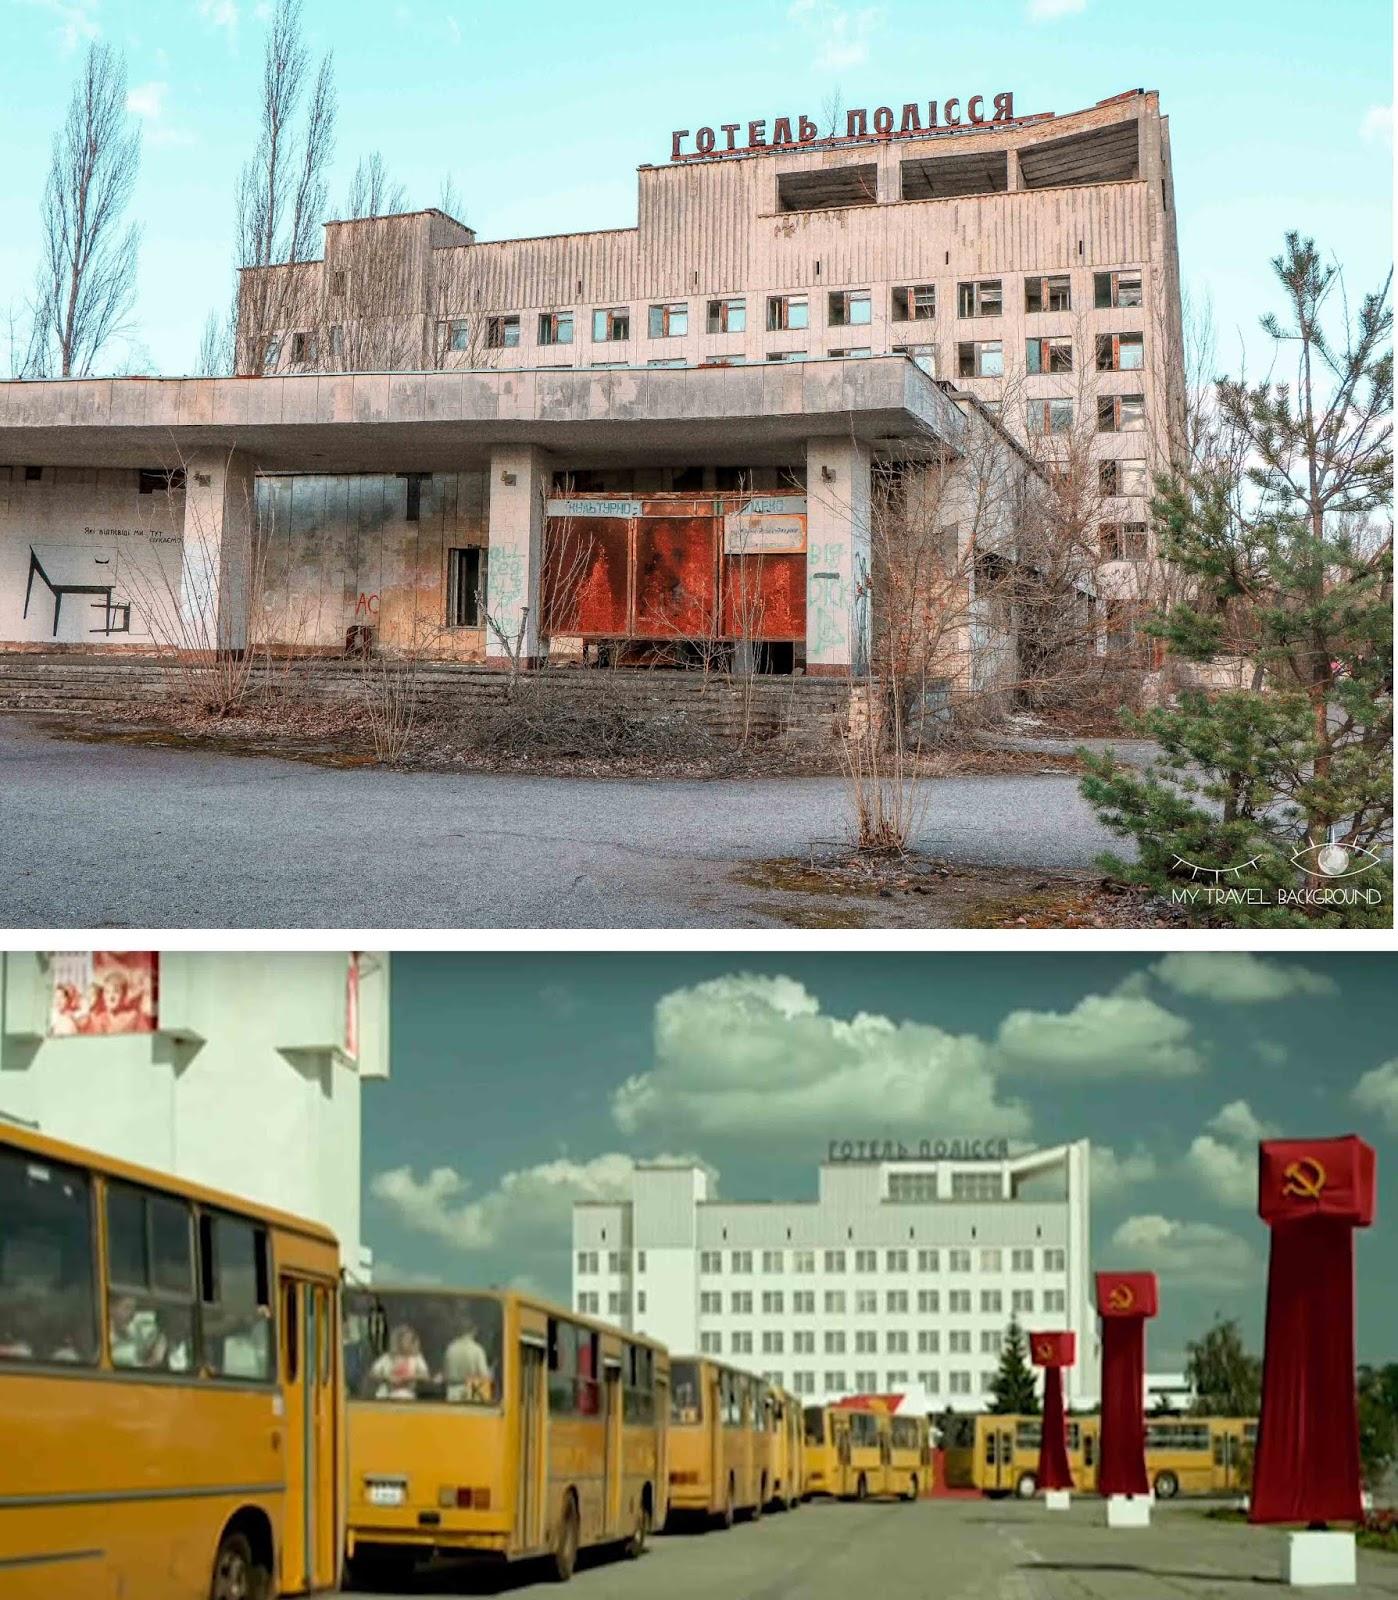 My Travel Background : une journée dans la zone d'exclusion de Tchernobyl - Prypiat avant/après